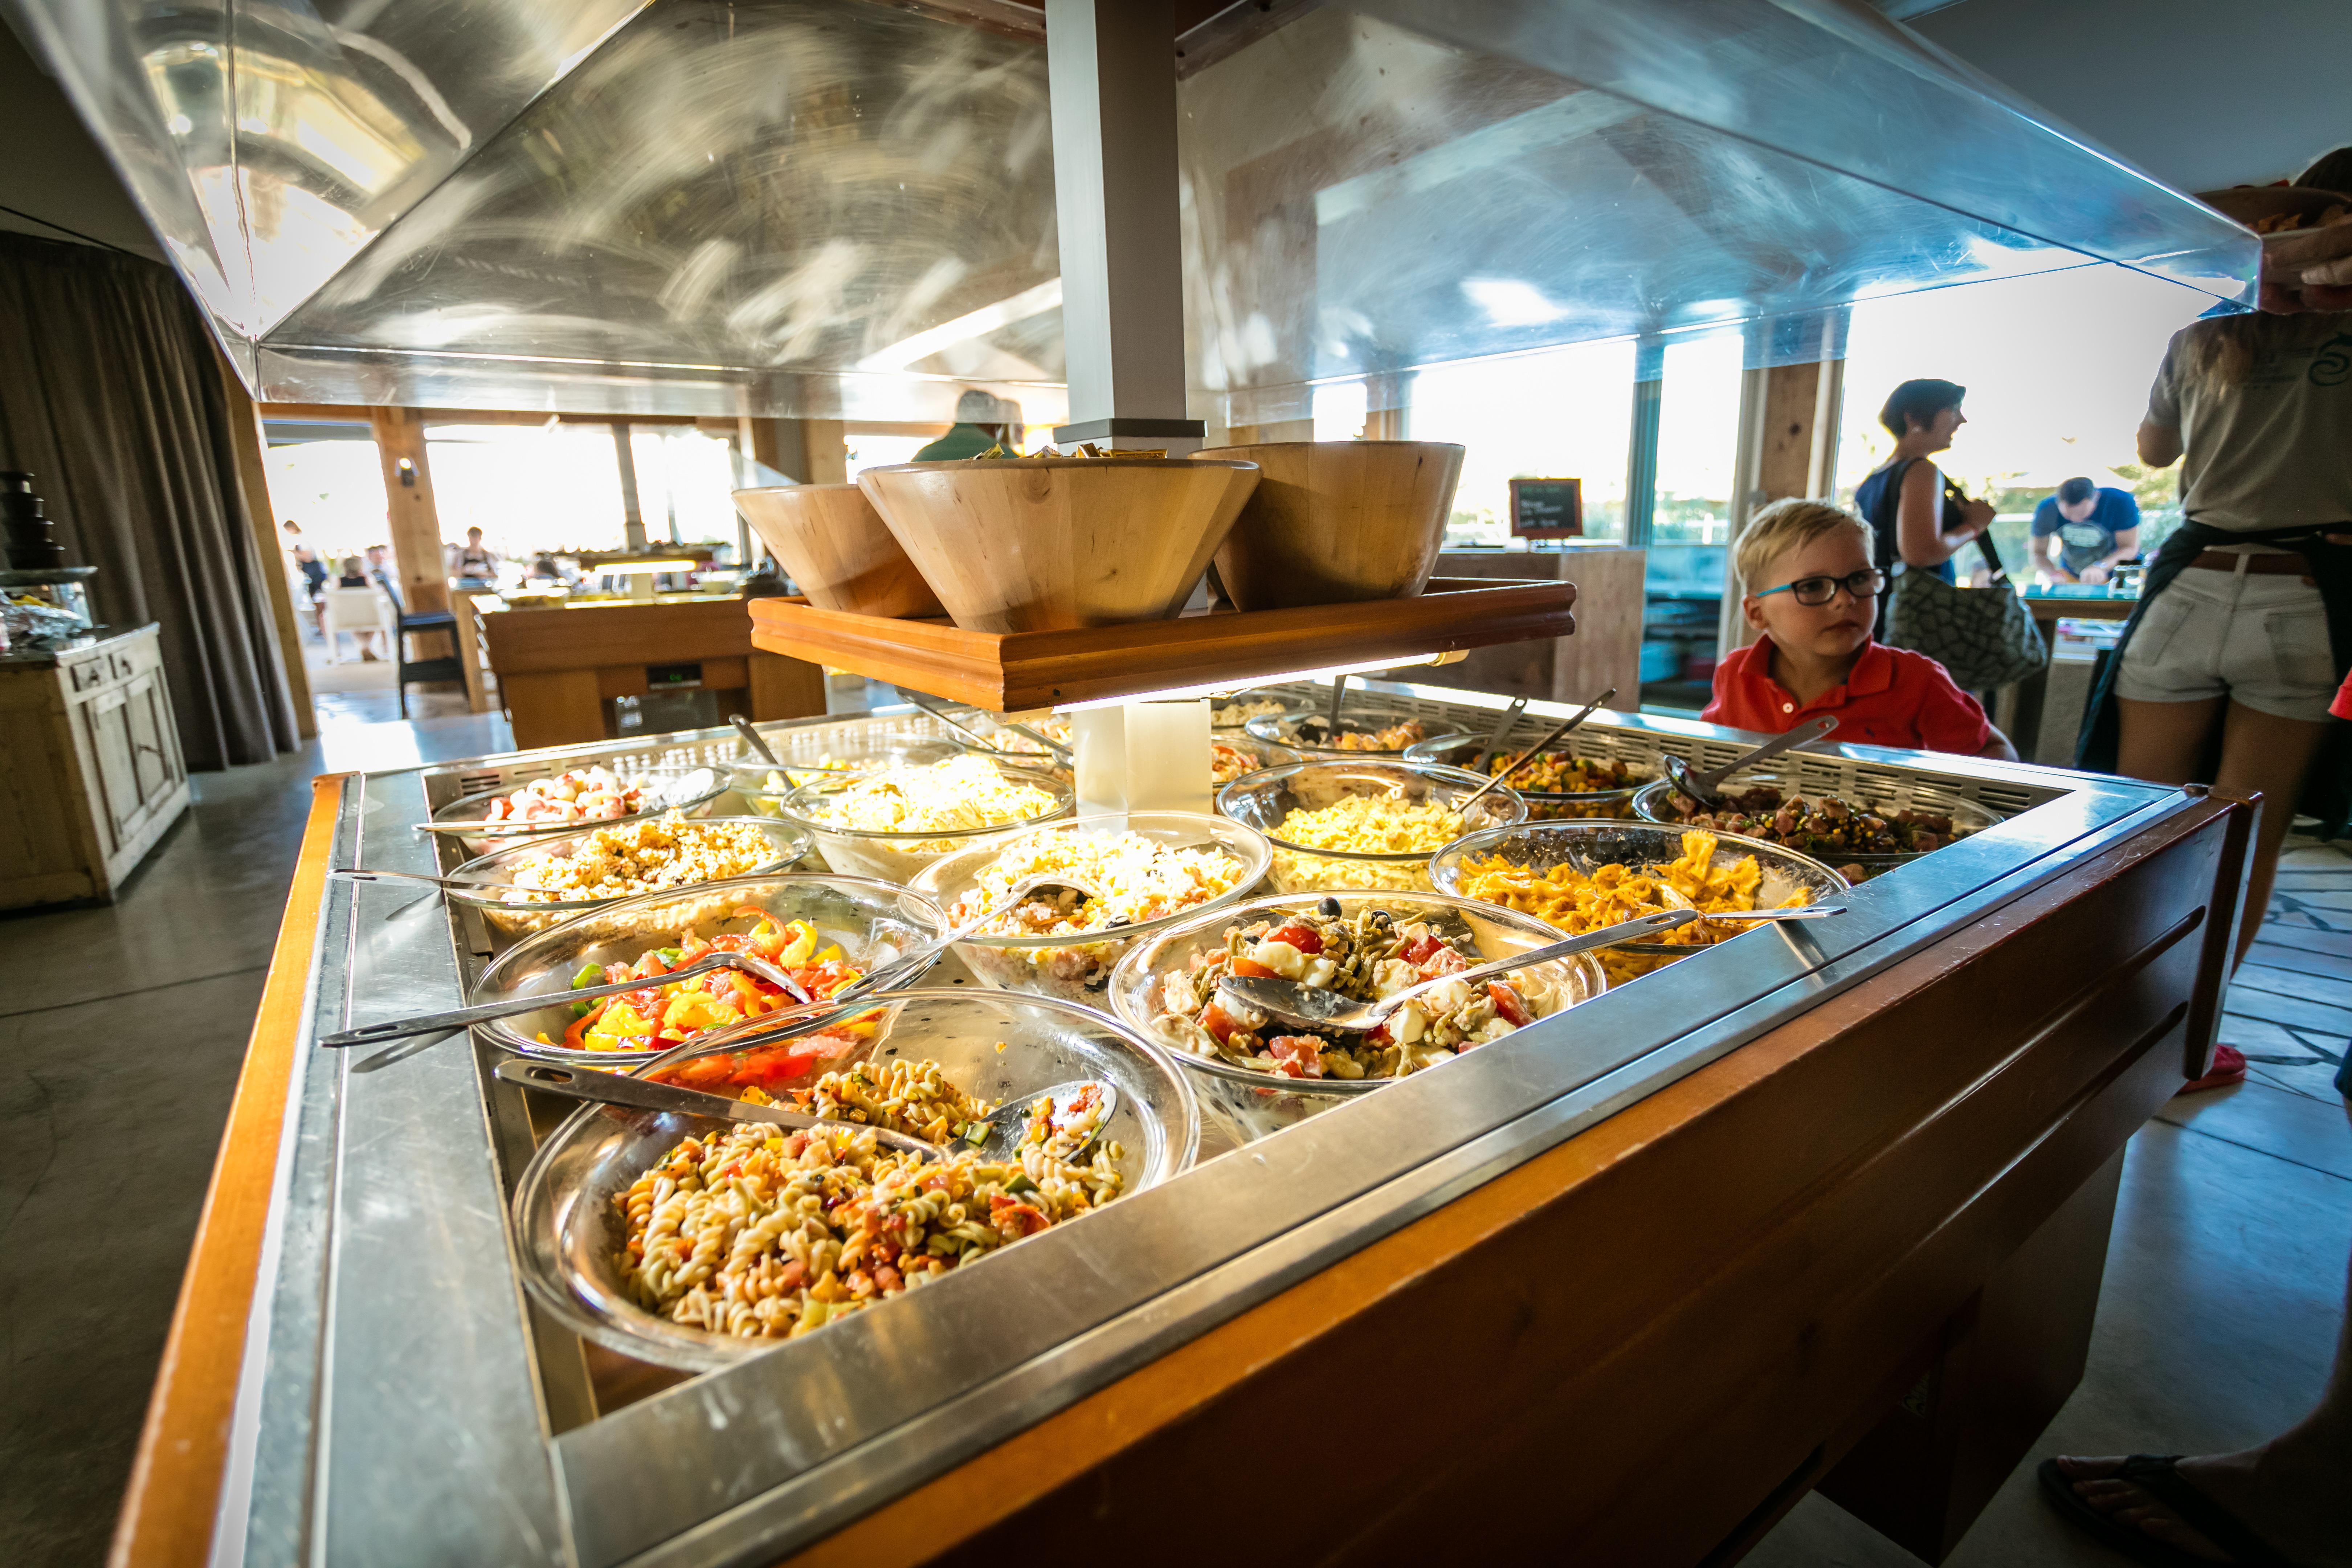 Restaurante de comida de buffet Ninos Barra de buffet Terraza